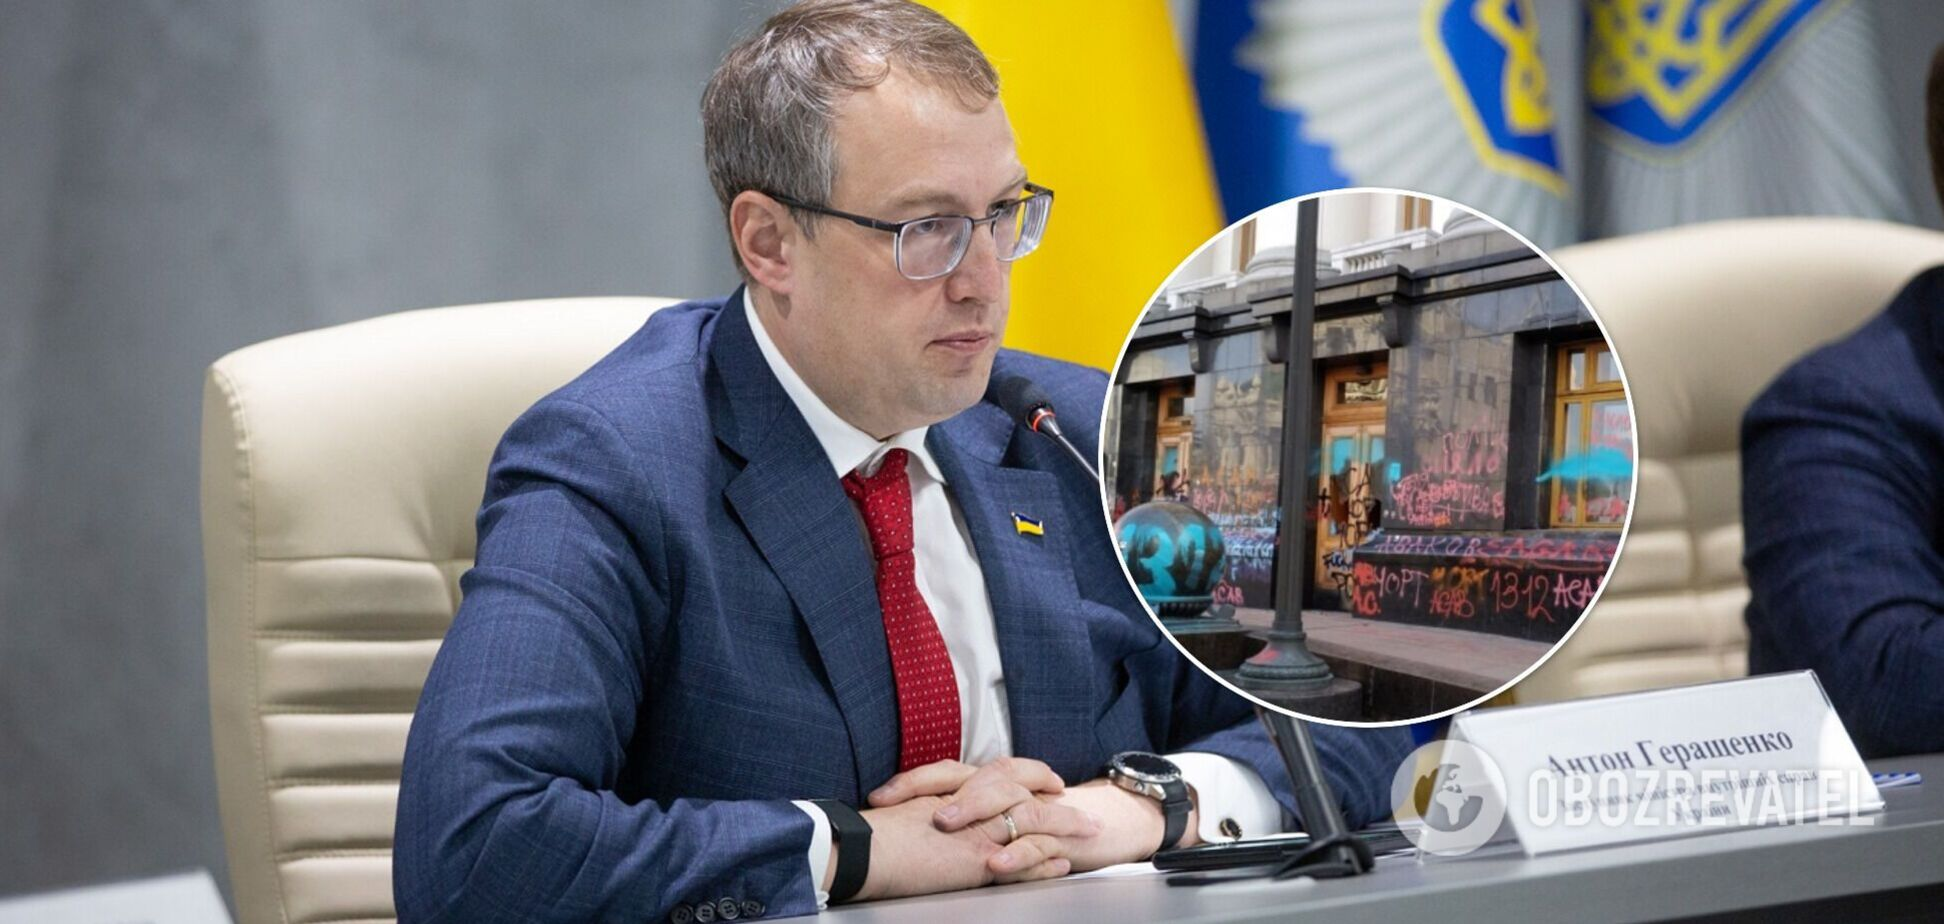 Геращенко: Путин не отнимет у украинцев право строить сильное государство